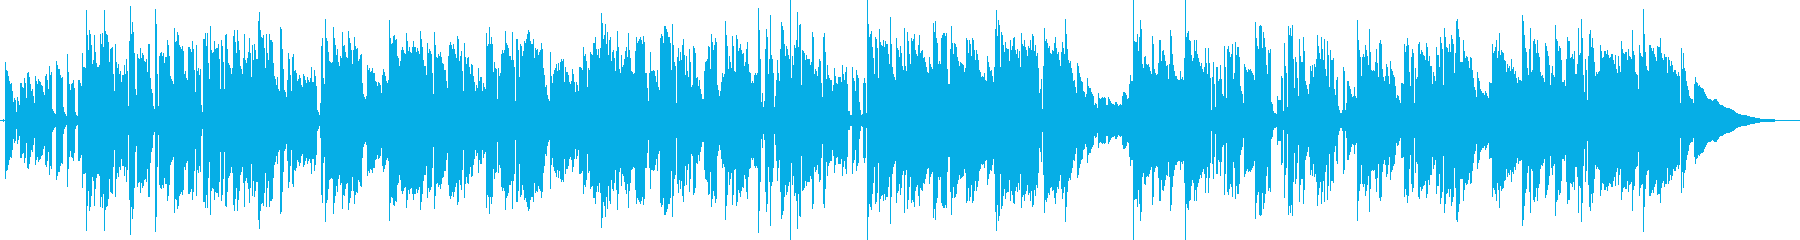 生演奏 エレキギターのみのブルースBGMの再生済みの波形